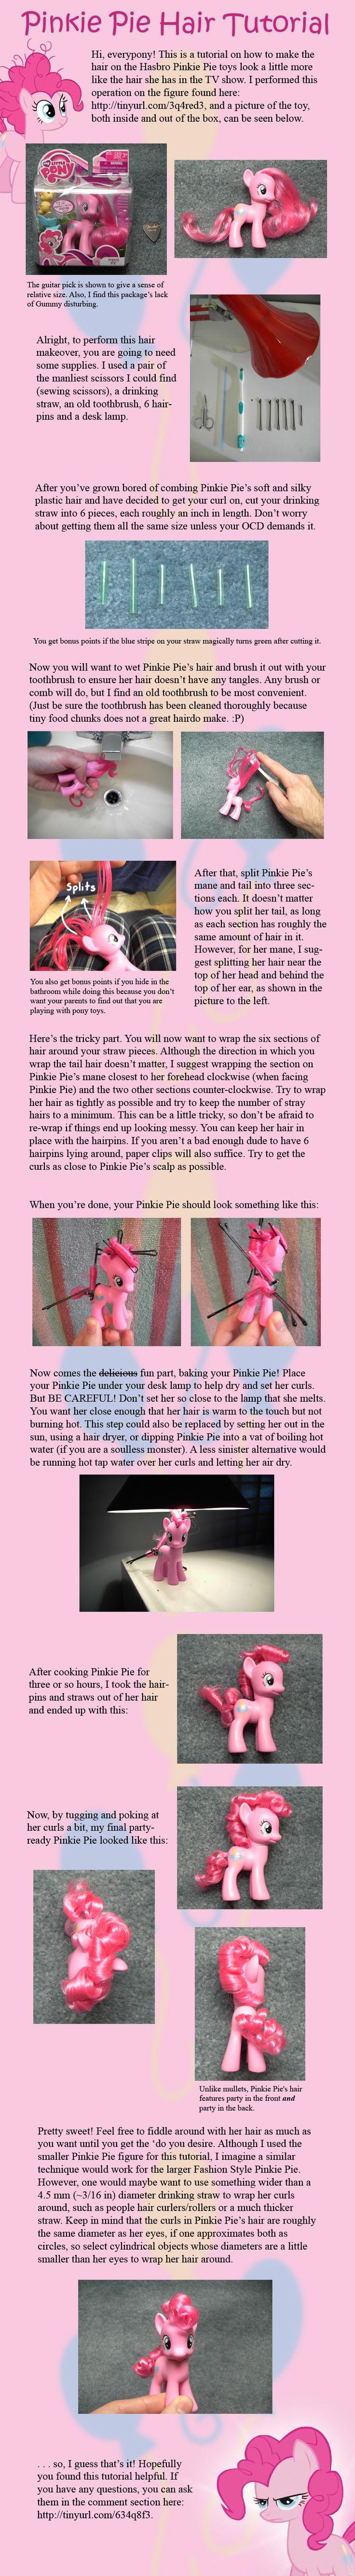 Pinkie Pie Hair Tutorial by ~countschlick on deviantART